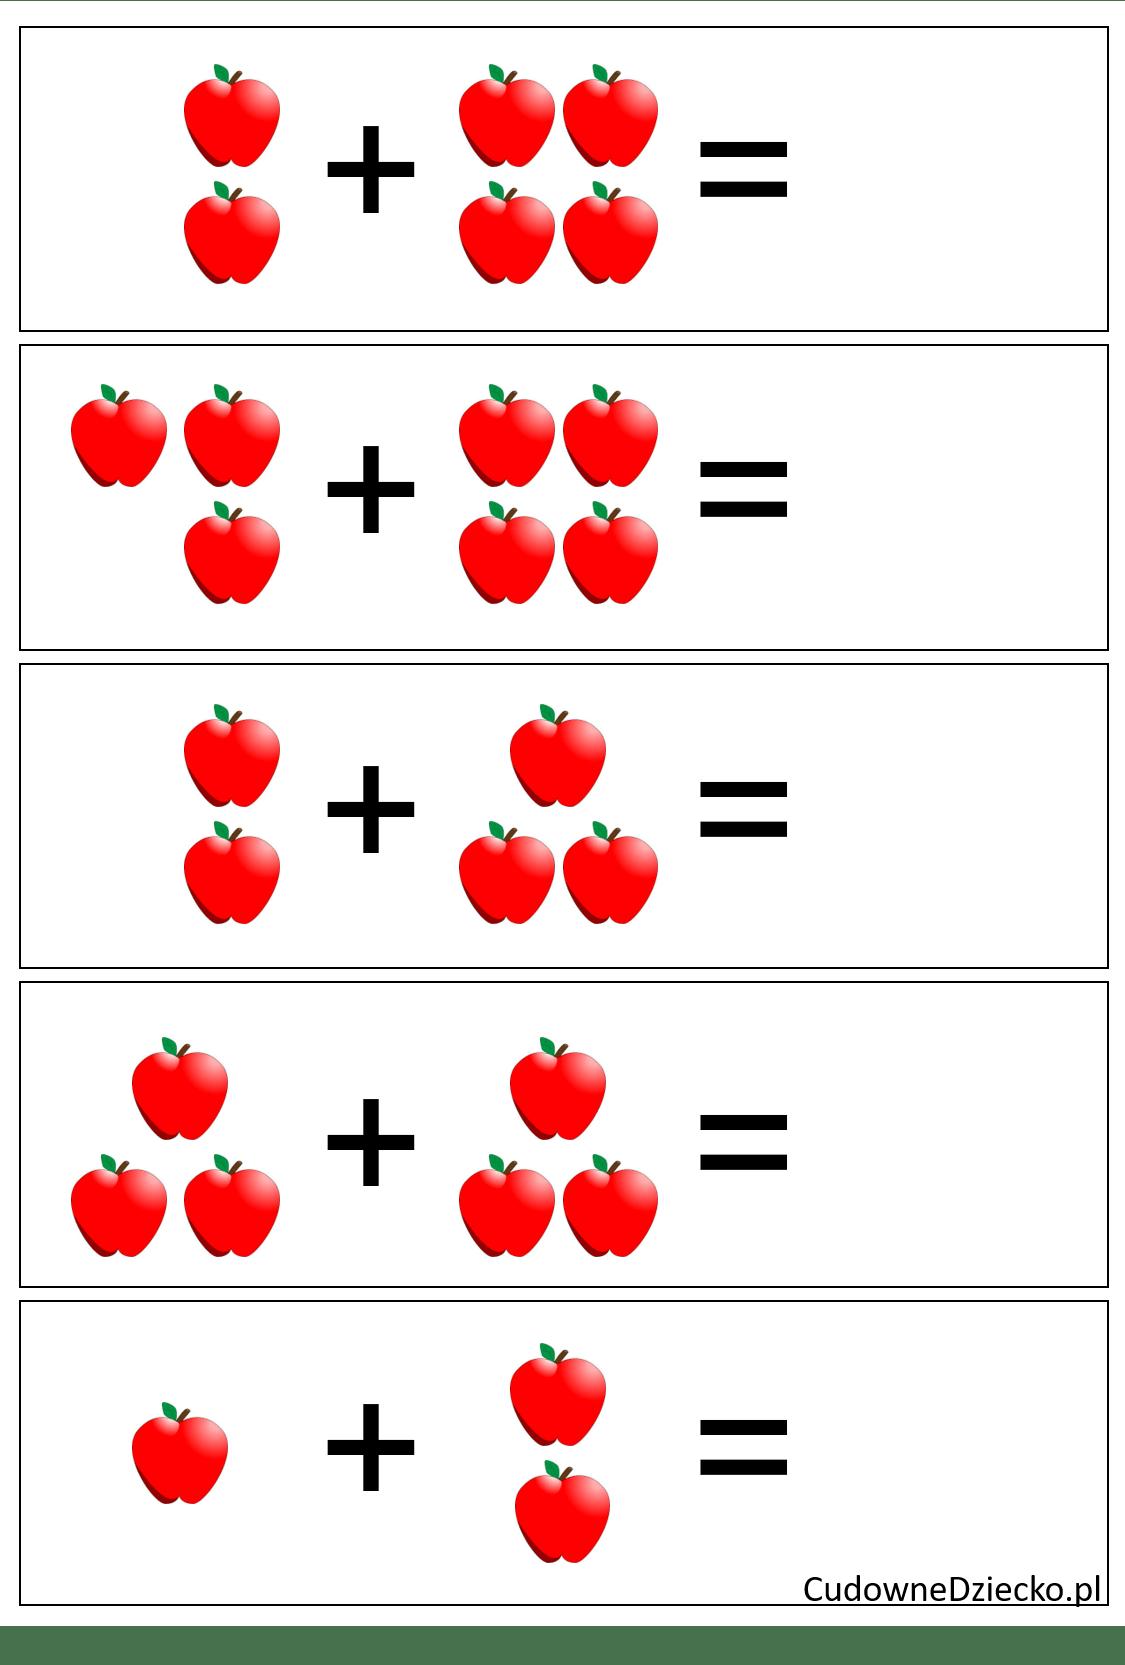 Zadania Matematyczne Dla Przedszkolaków Dziecko 5 Lat Dodawanie